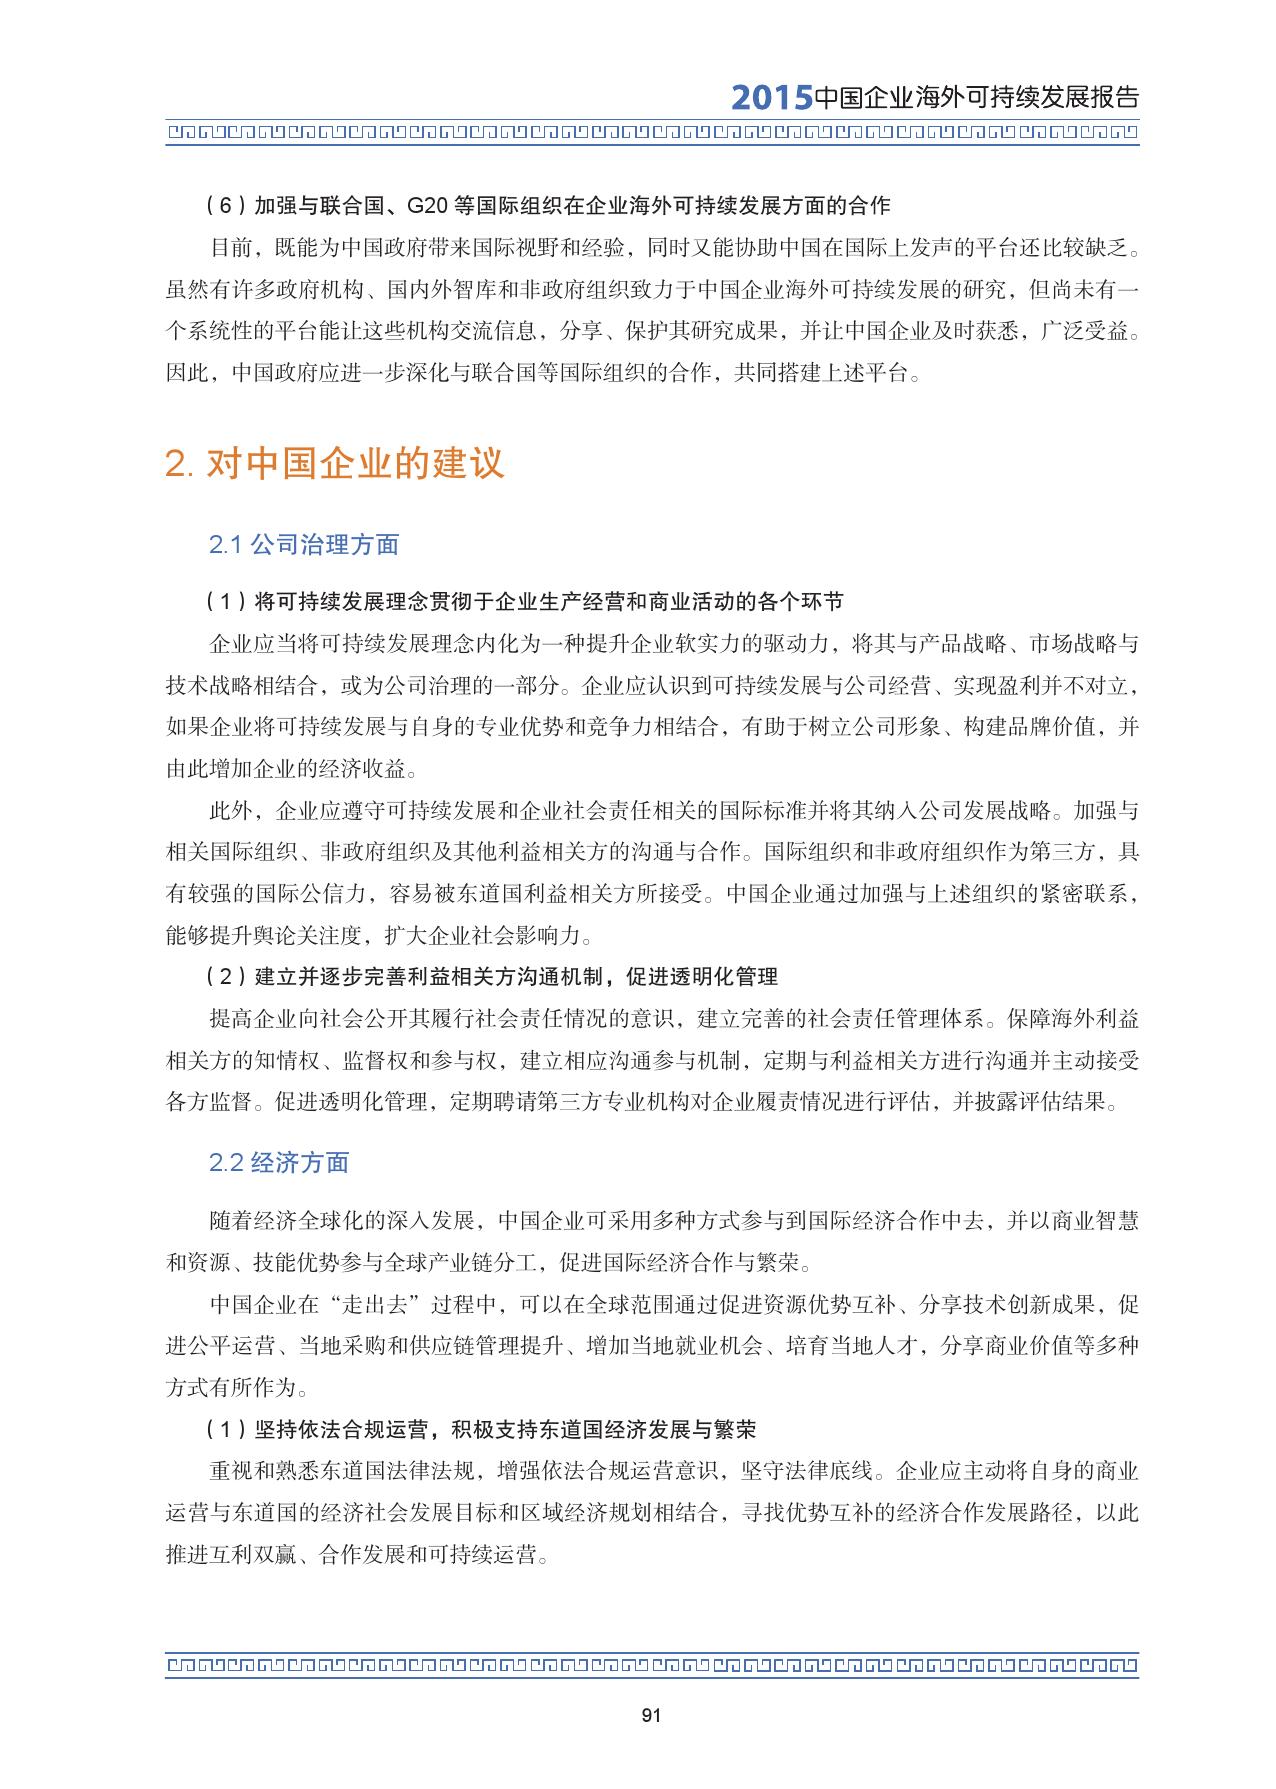 2015中国企业海外可持续发展报告_000105